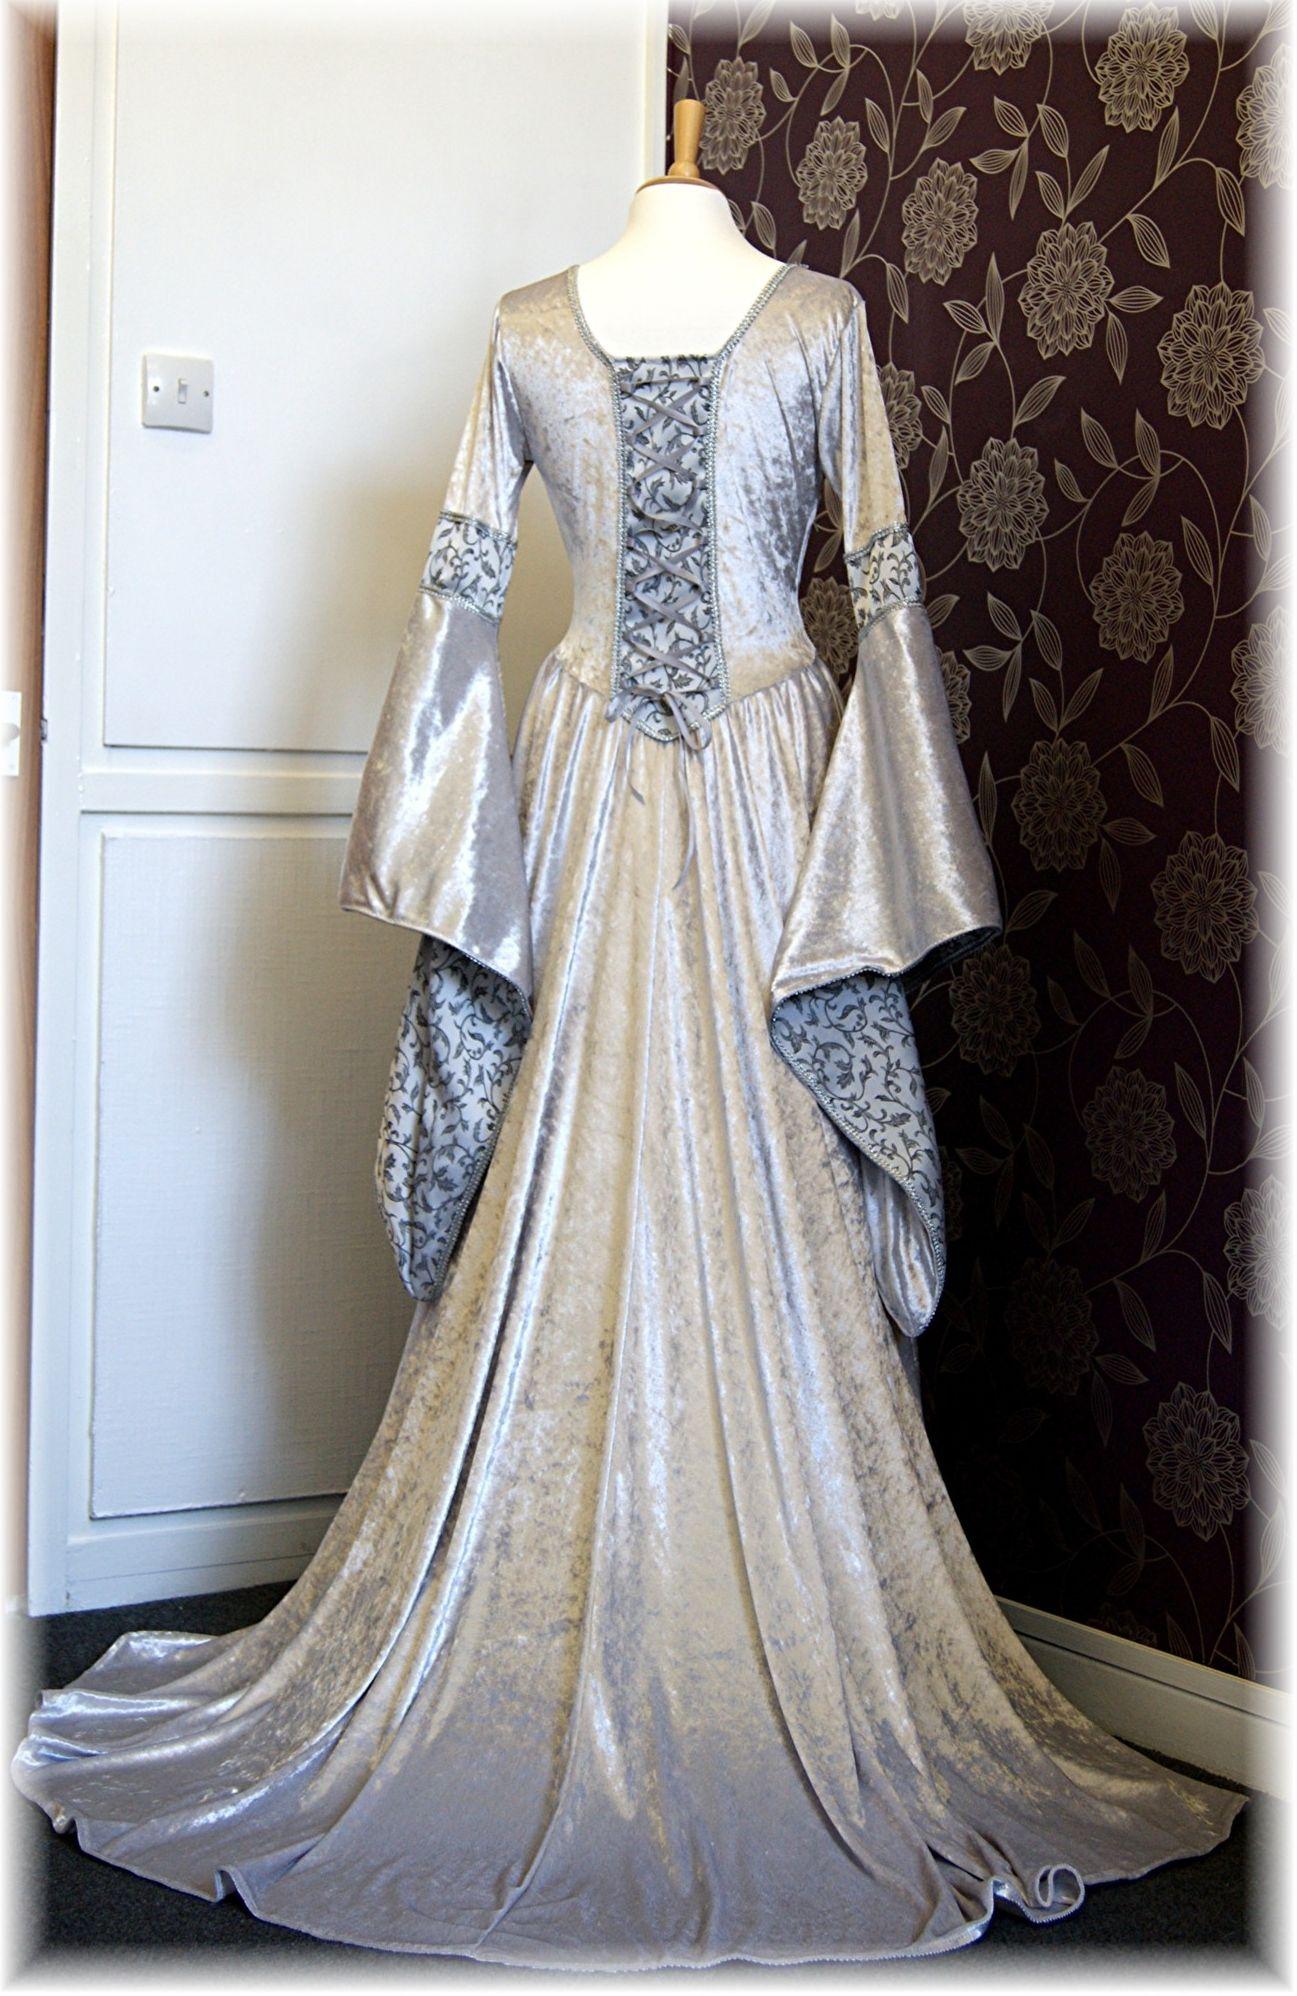 Medieval Dress Wedding dresses for sale, Medieval dress